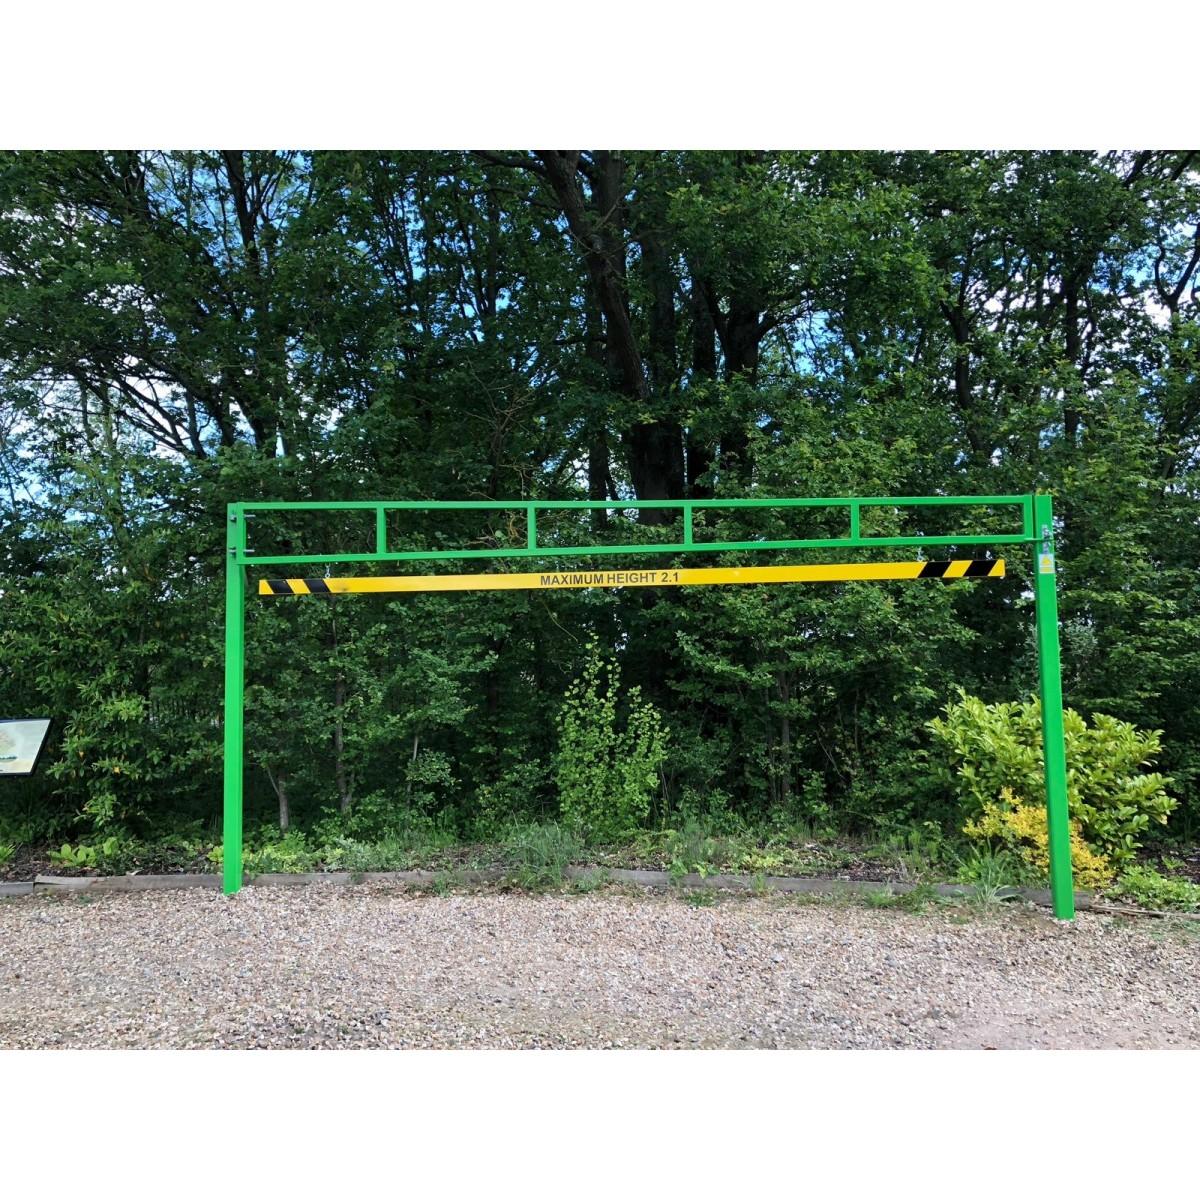 SB.23H 4.5M Singe Leaf Height Restriction Barrier